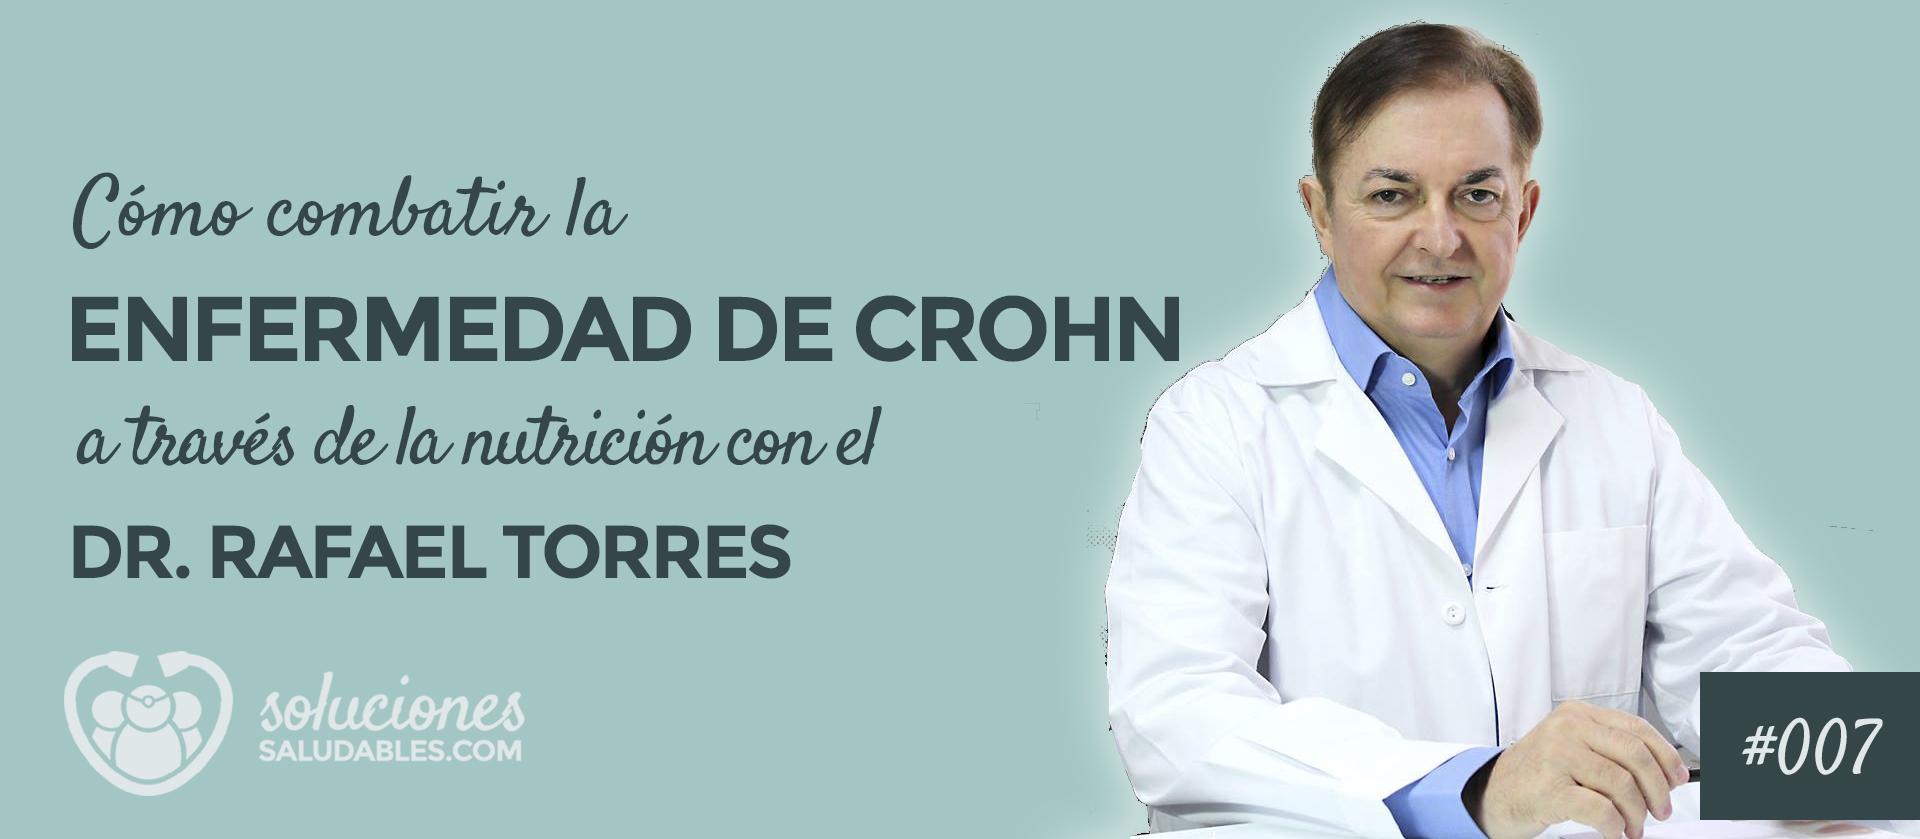 Combatir Enfermedad Crohn a través de la nutrición